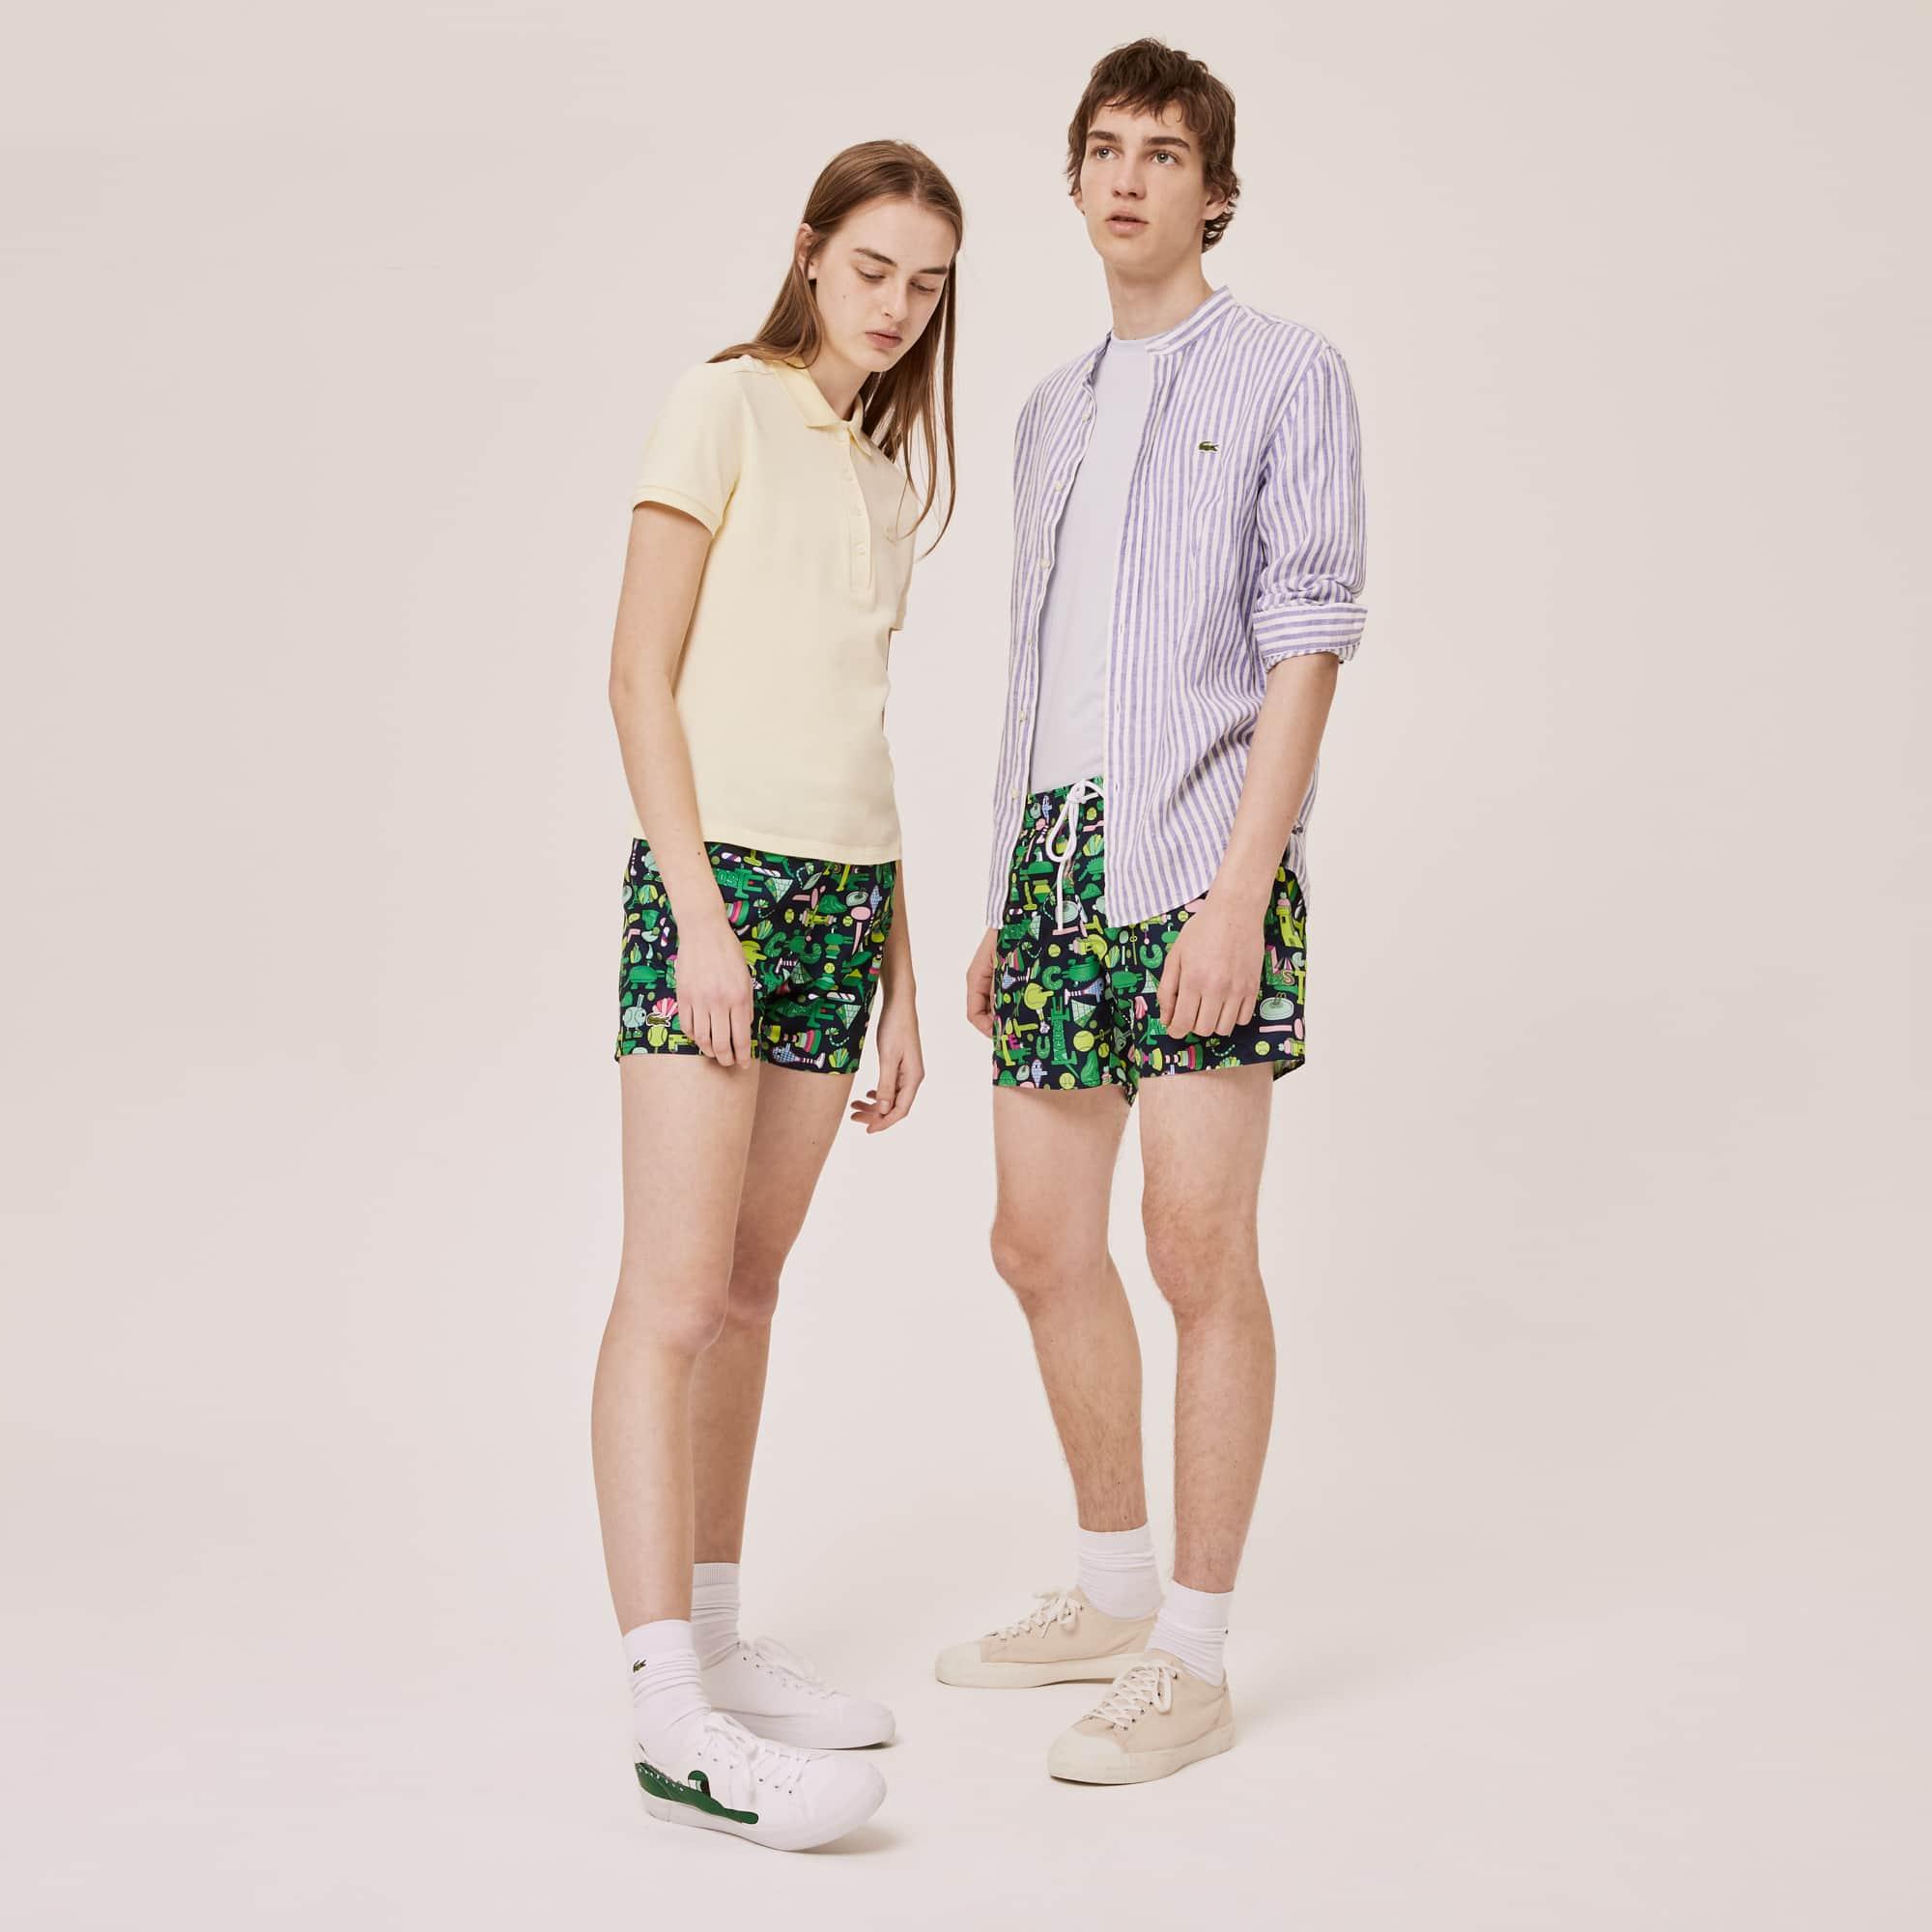 라코스테 x 제레미빌 콜라보 수영복 하의 (남여 공용 보드숏) Lacoste x Jeremyville Light Print Swim Shorts,Navy Blue / White - QRN